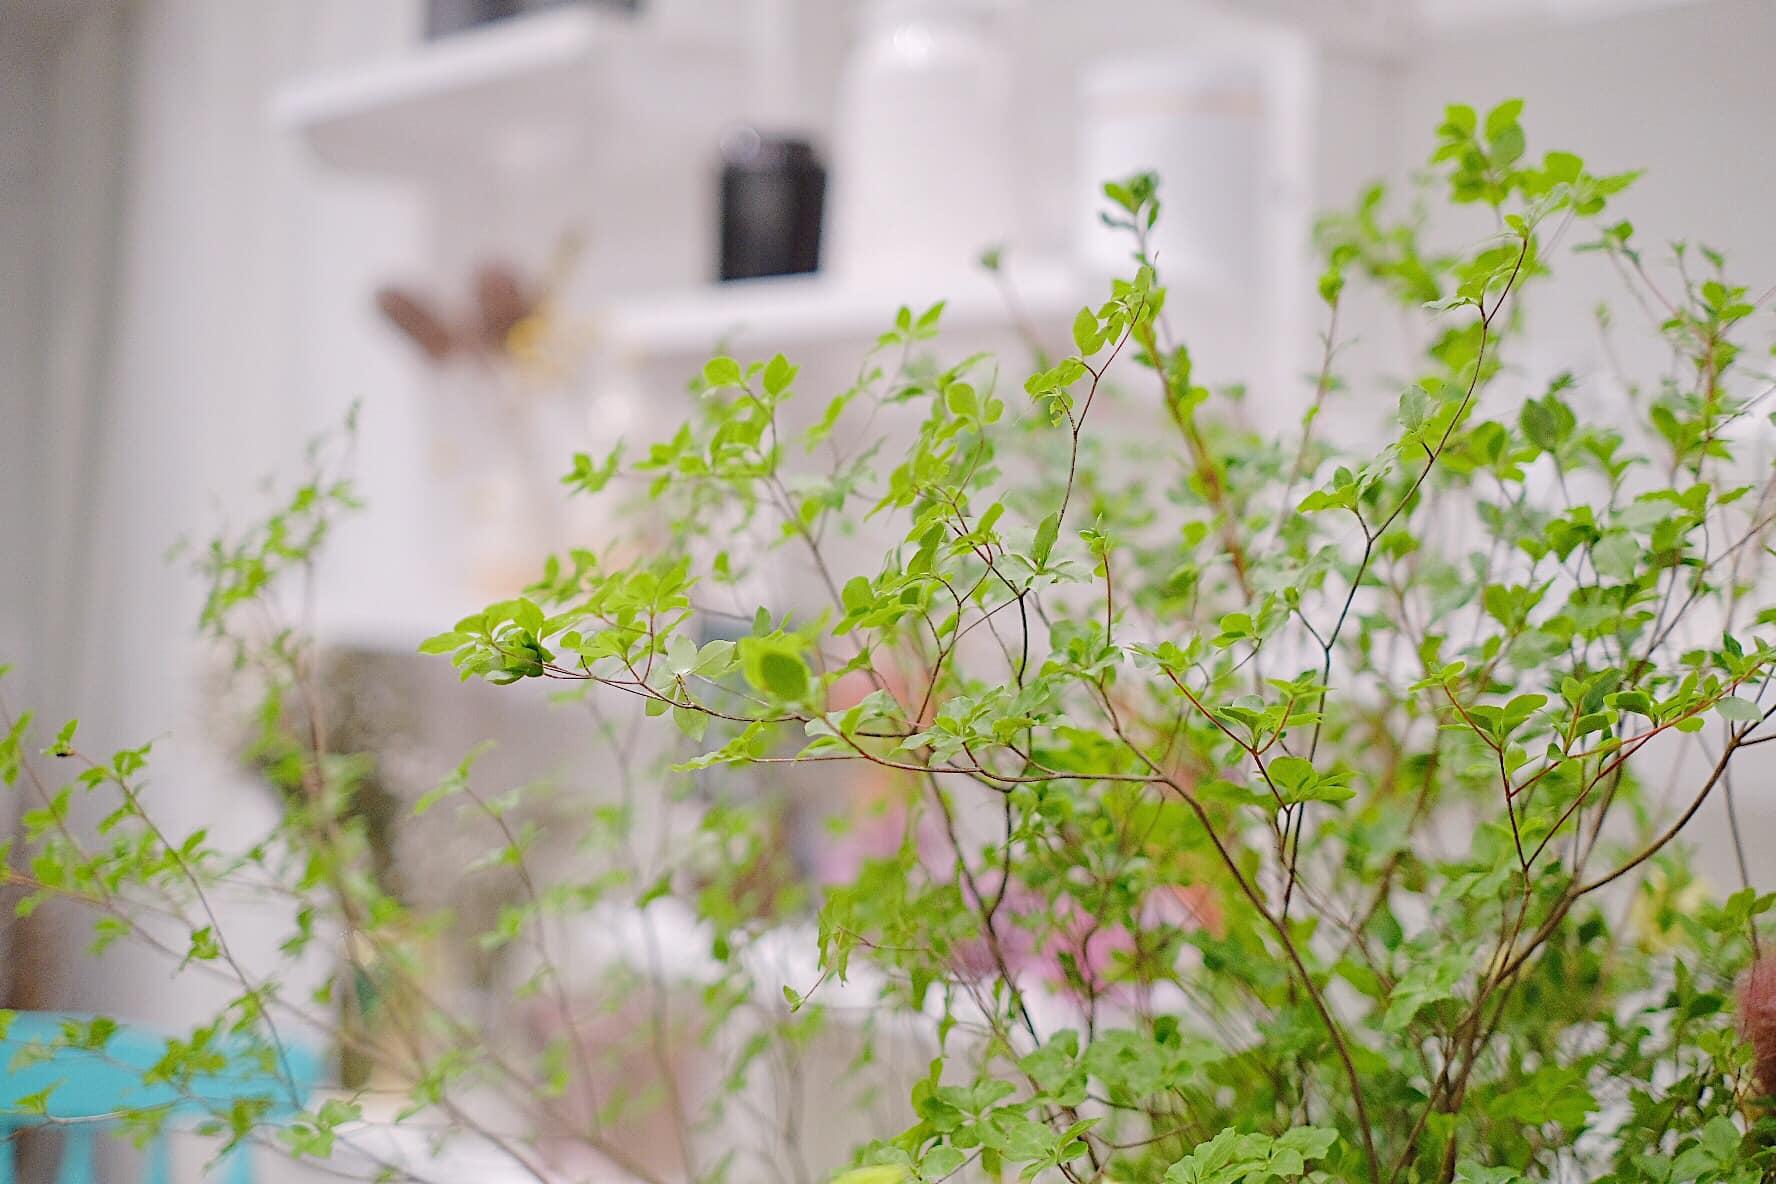 Dạo gần đây thị trường rộ mua cây thạch nam: Là loại cây gì, giá đắt không mà chị em yêu thích thế? - Ảnh 3.